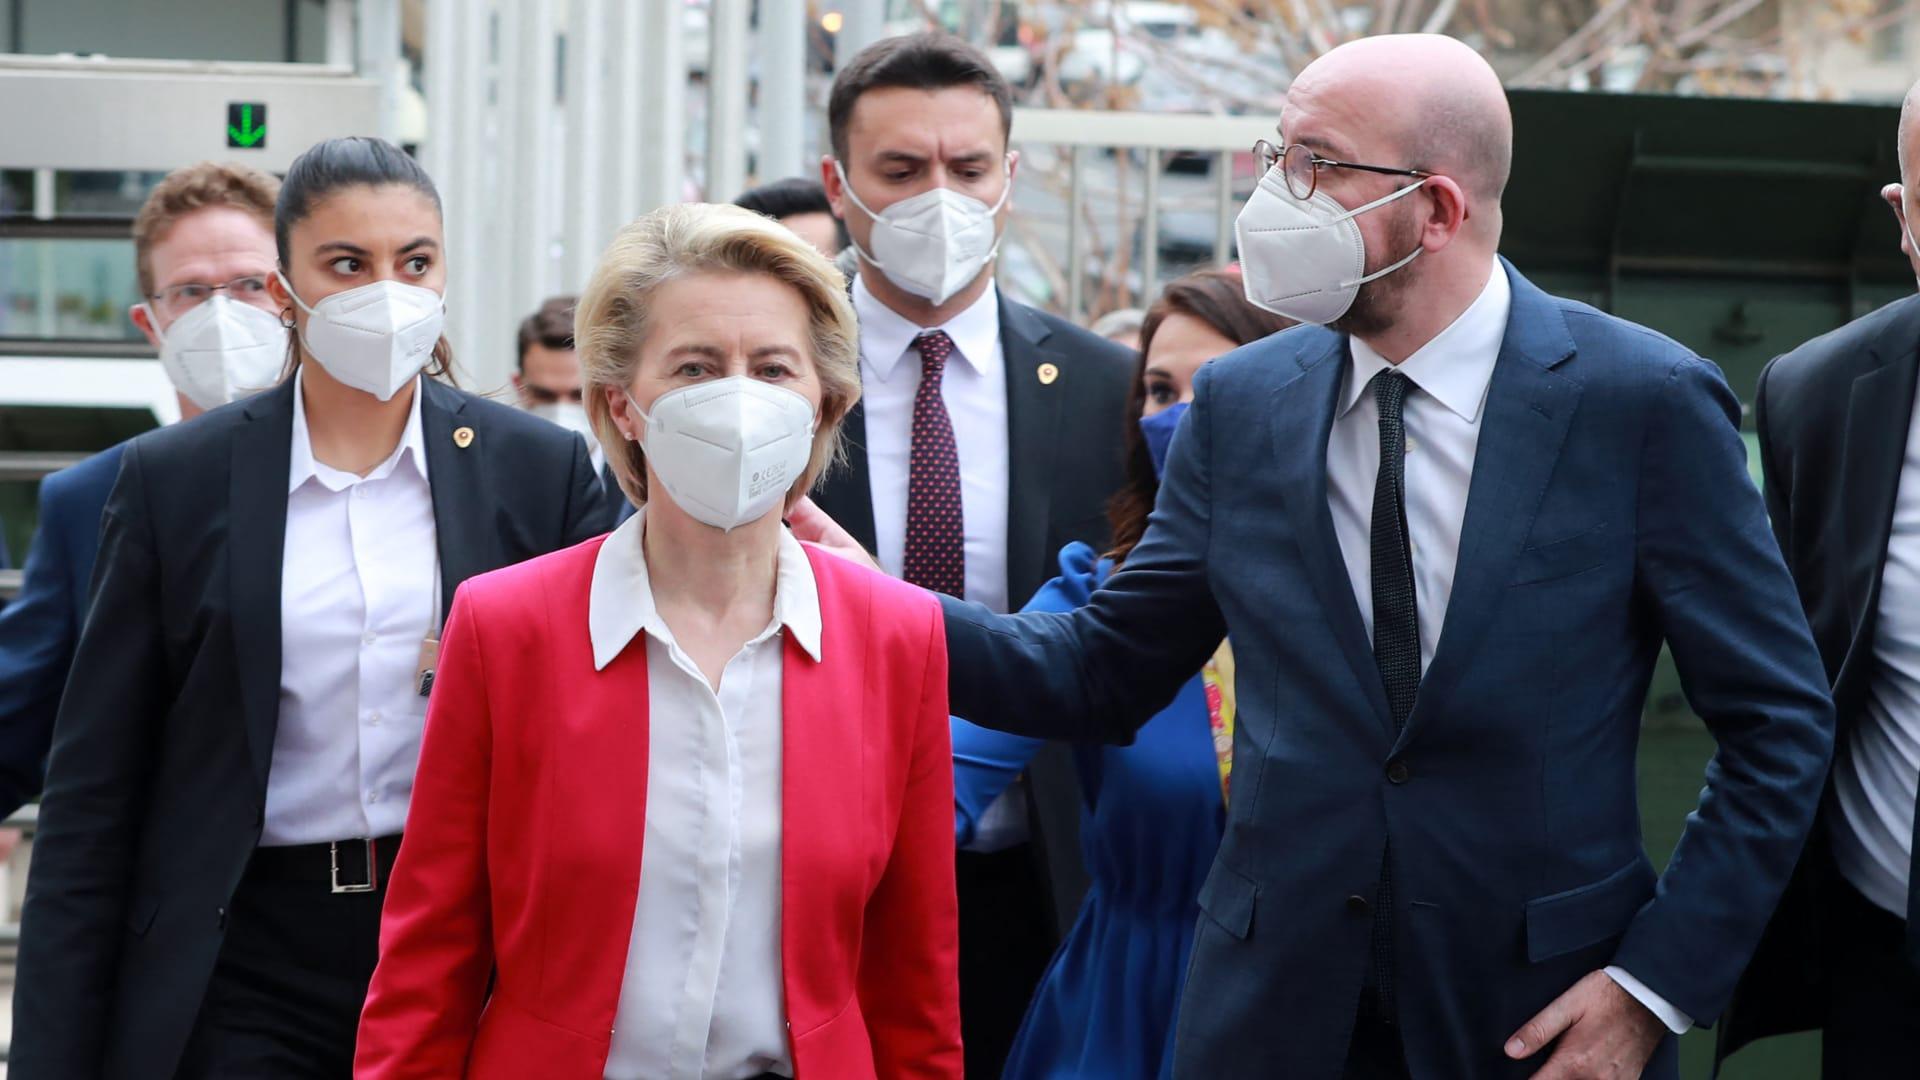 تركيا تعلق على الموقف المحرج لرئيسة المفوضية الأوروبية خلال تواجد أردوغان